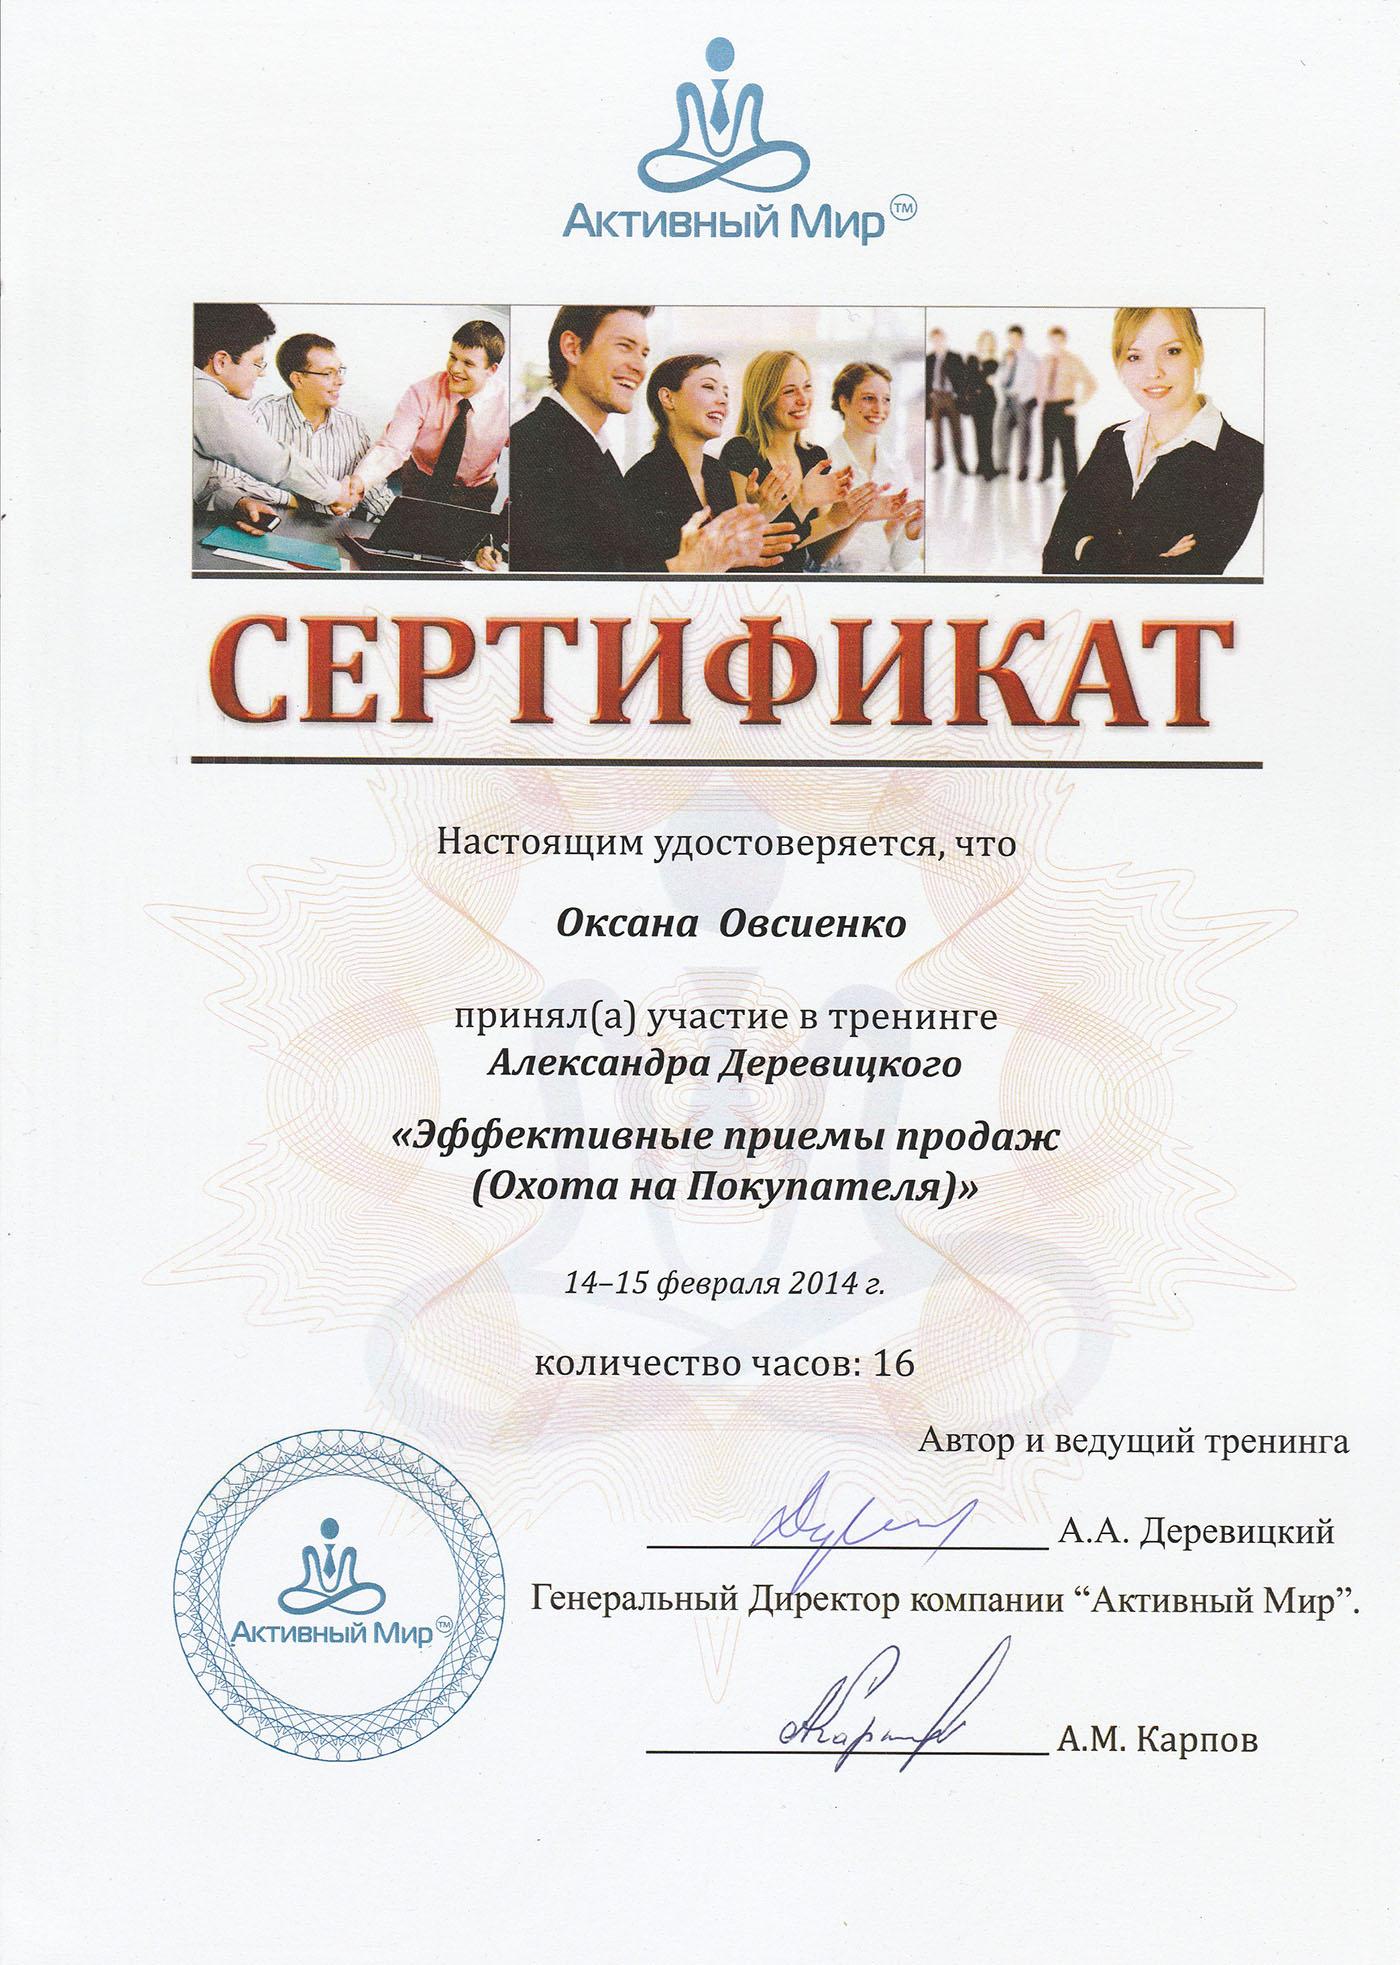 Оксана Овсиенко - Сертификат - Александр Деревицкий - Эффективные приемы продаж (Охота на покупателя)